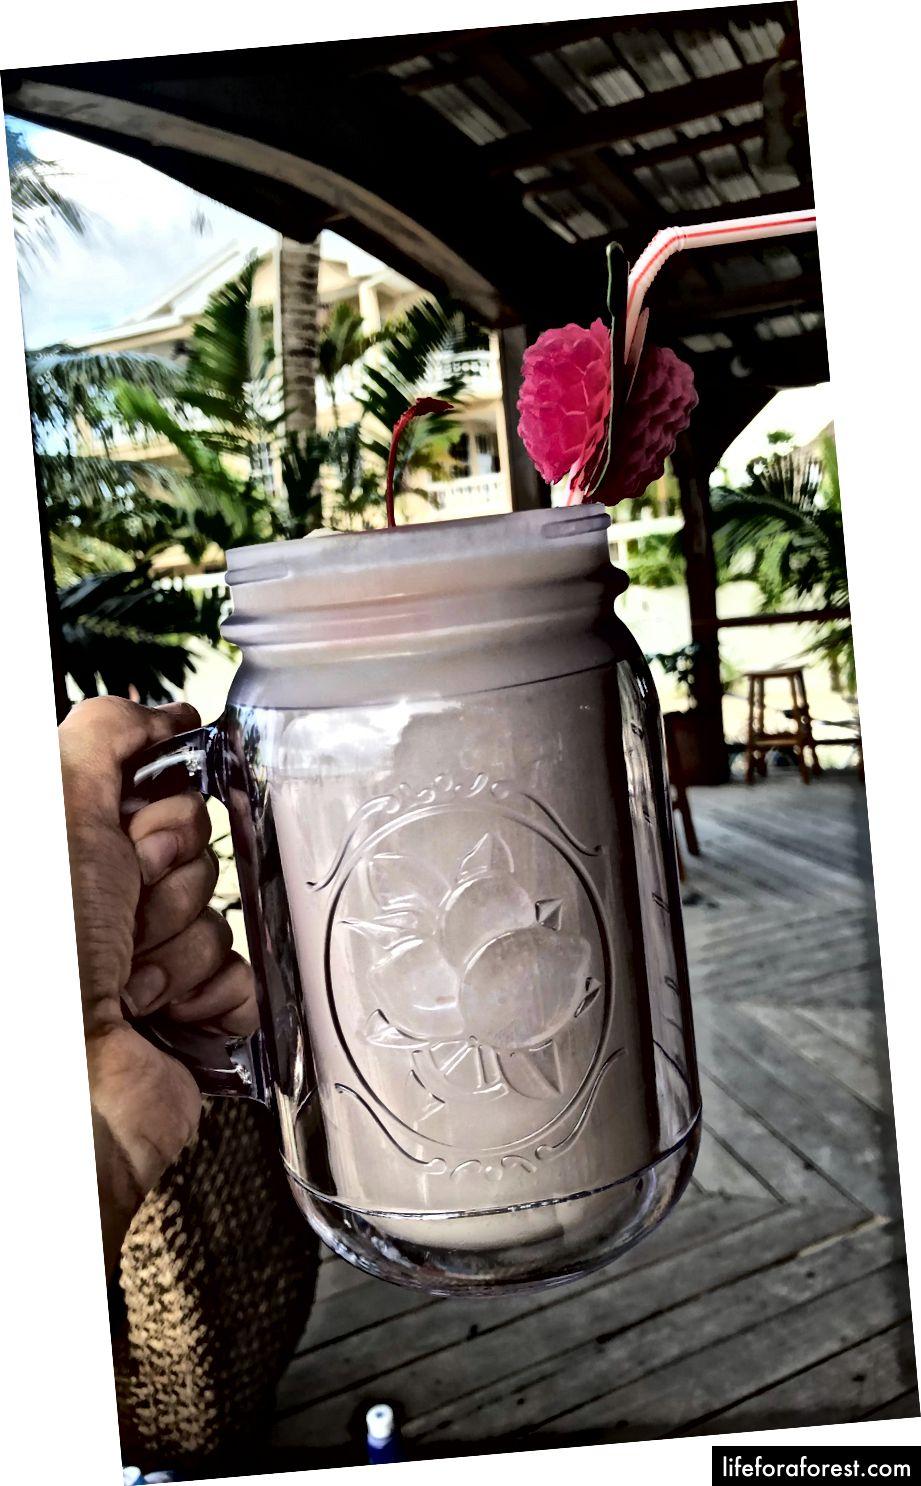 Merk: Lighthouse Lager & Belikin er de to lokale ølene // Typisk sjømat, ris, fruktmåltid som finnes på mange restauranter // Pina Colada i baren Iguana Reef